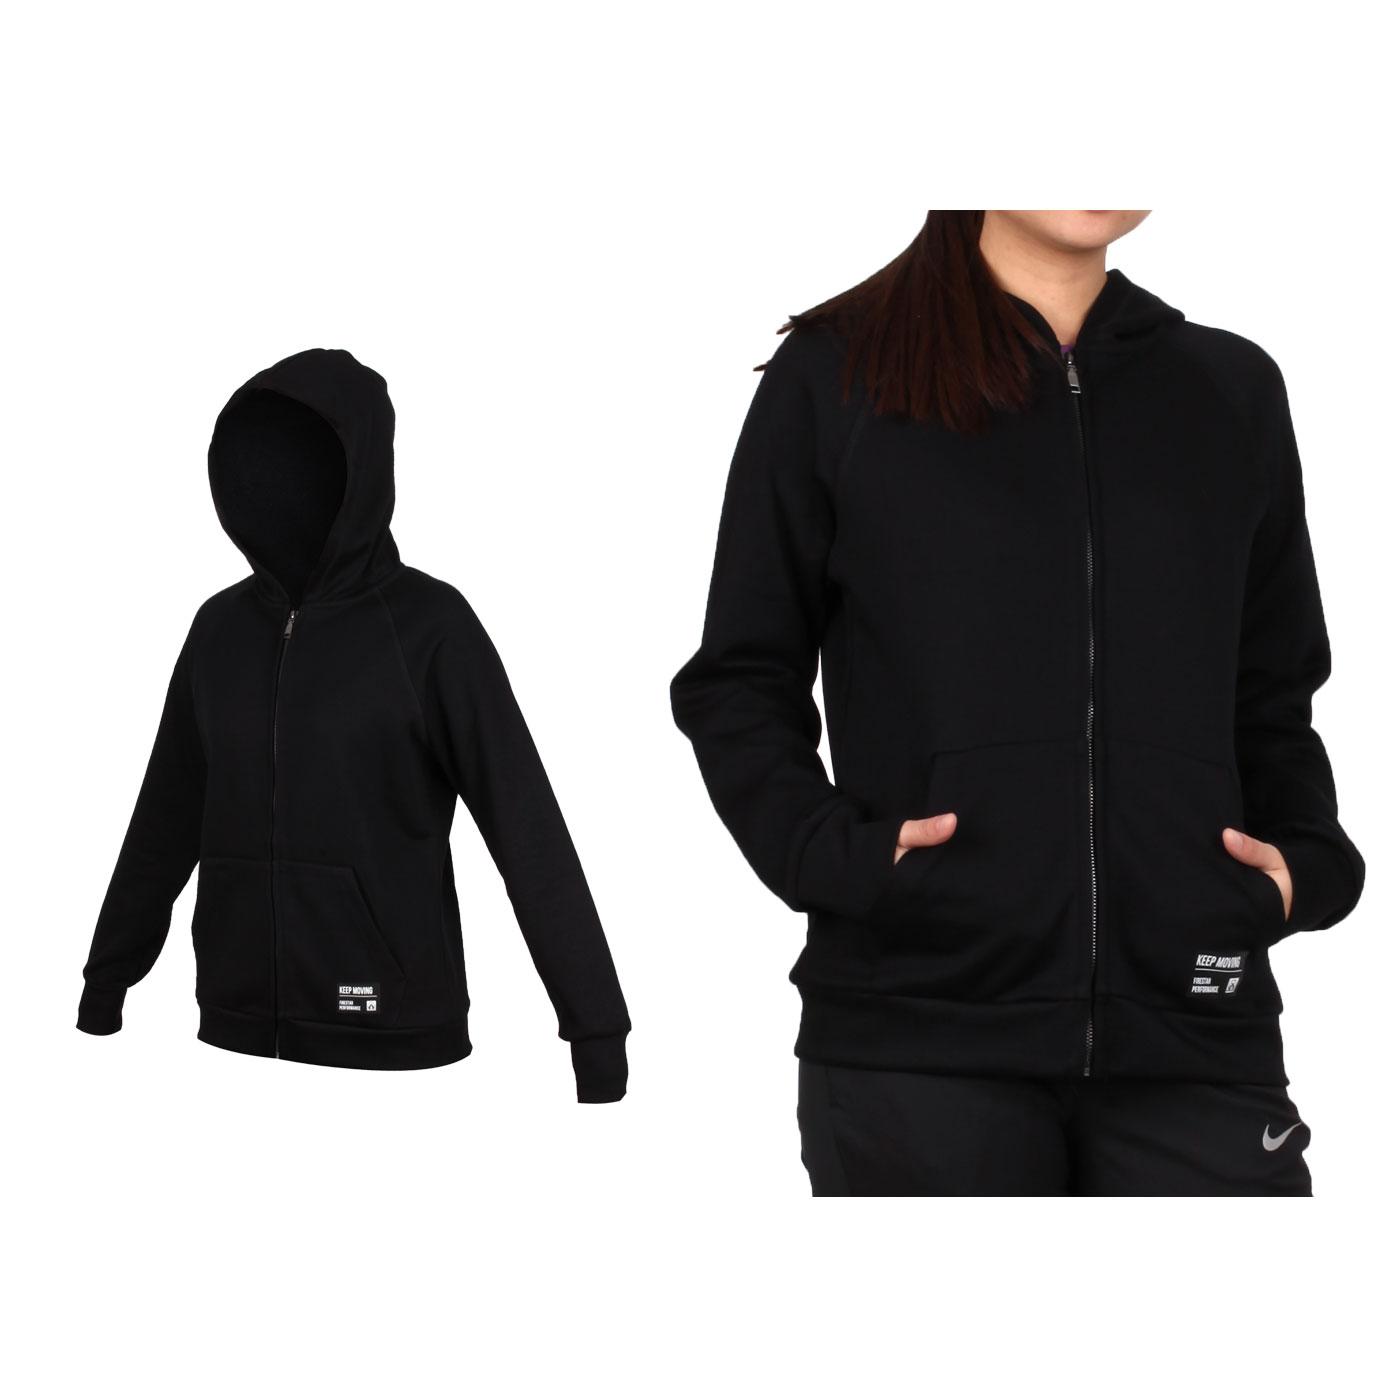 FIRESTAR 女款太空棉連帽外套 GL919-10 - 黑